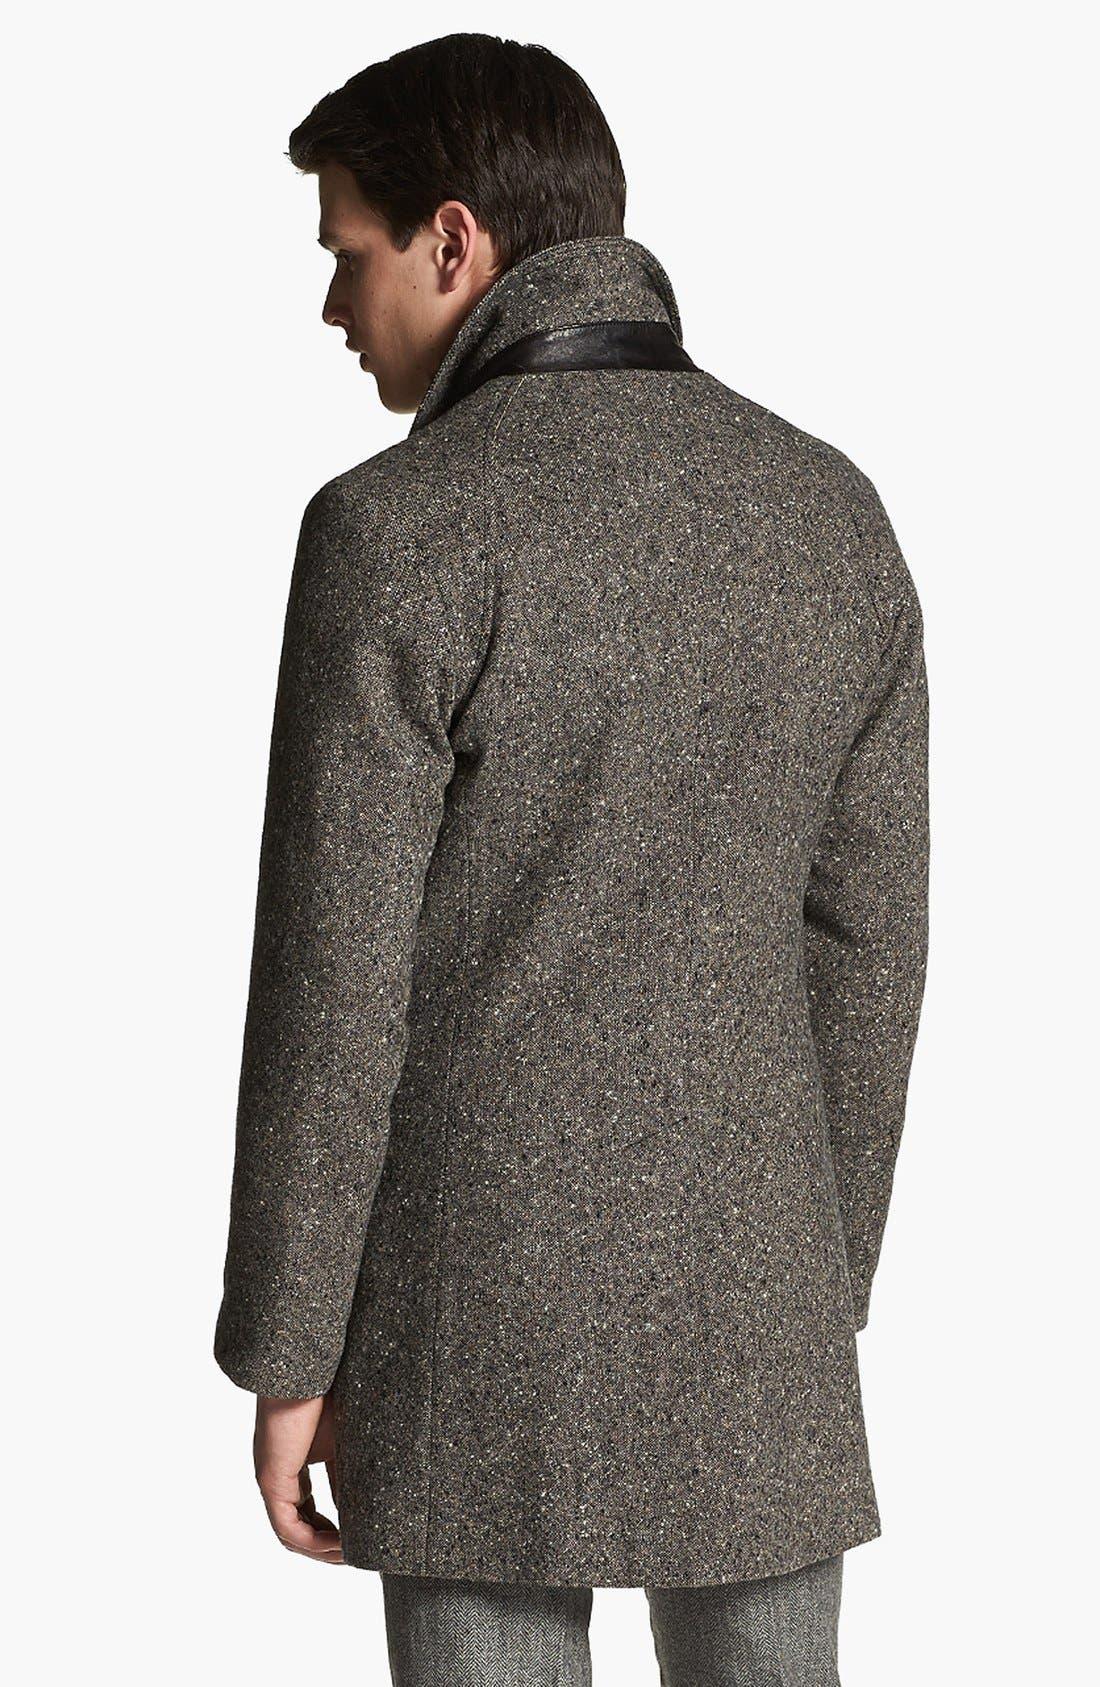 BILLY REID,                             'Astor' Tweed Overcoat,                             Alternate thumbnail 5, color,                             092